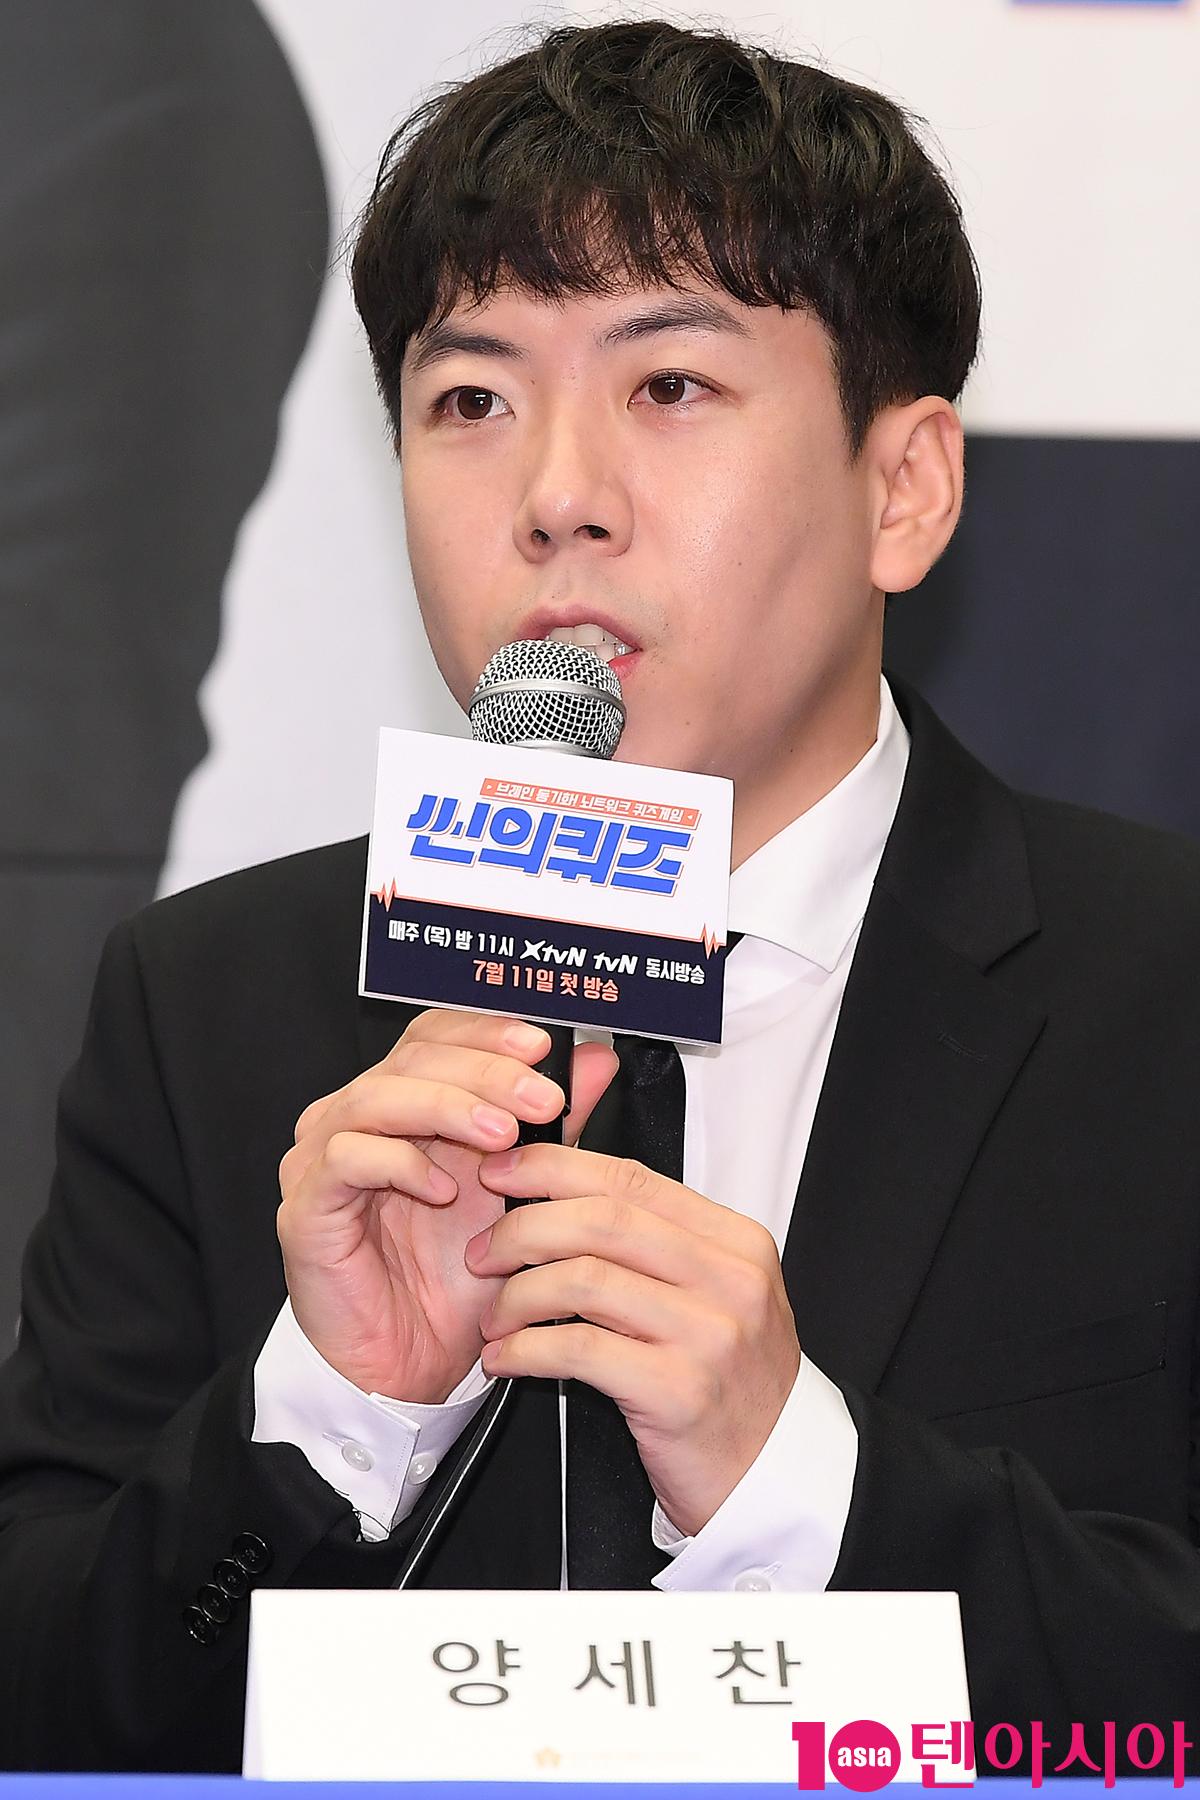 개그맨 양세찬이 11일 오전 서울 상암동 스탠포드호텔에서 열린 tvN 예능 '씬의 퀴즈' 제작발표회에 참석해 인사말을 하고 있다.